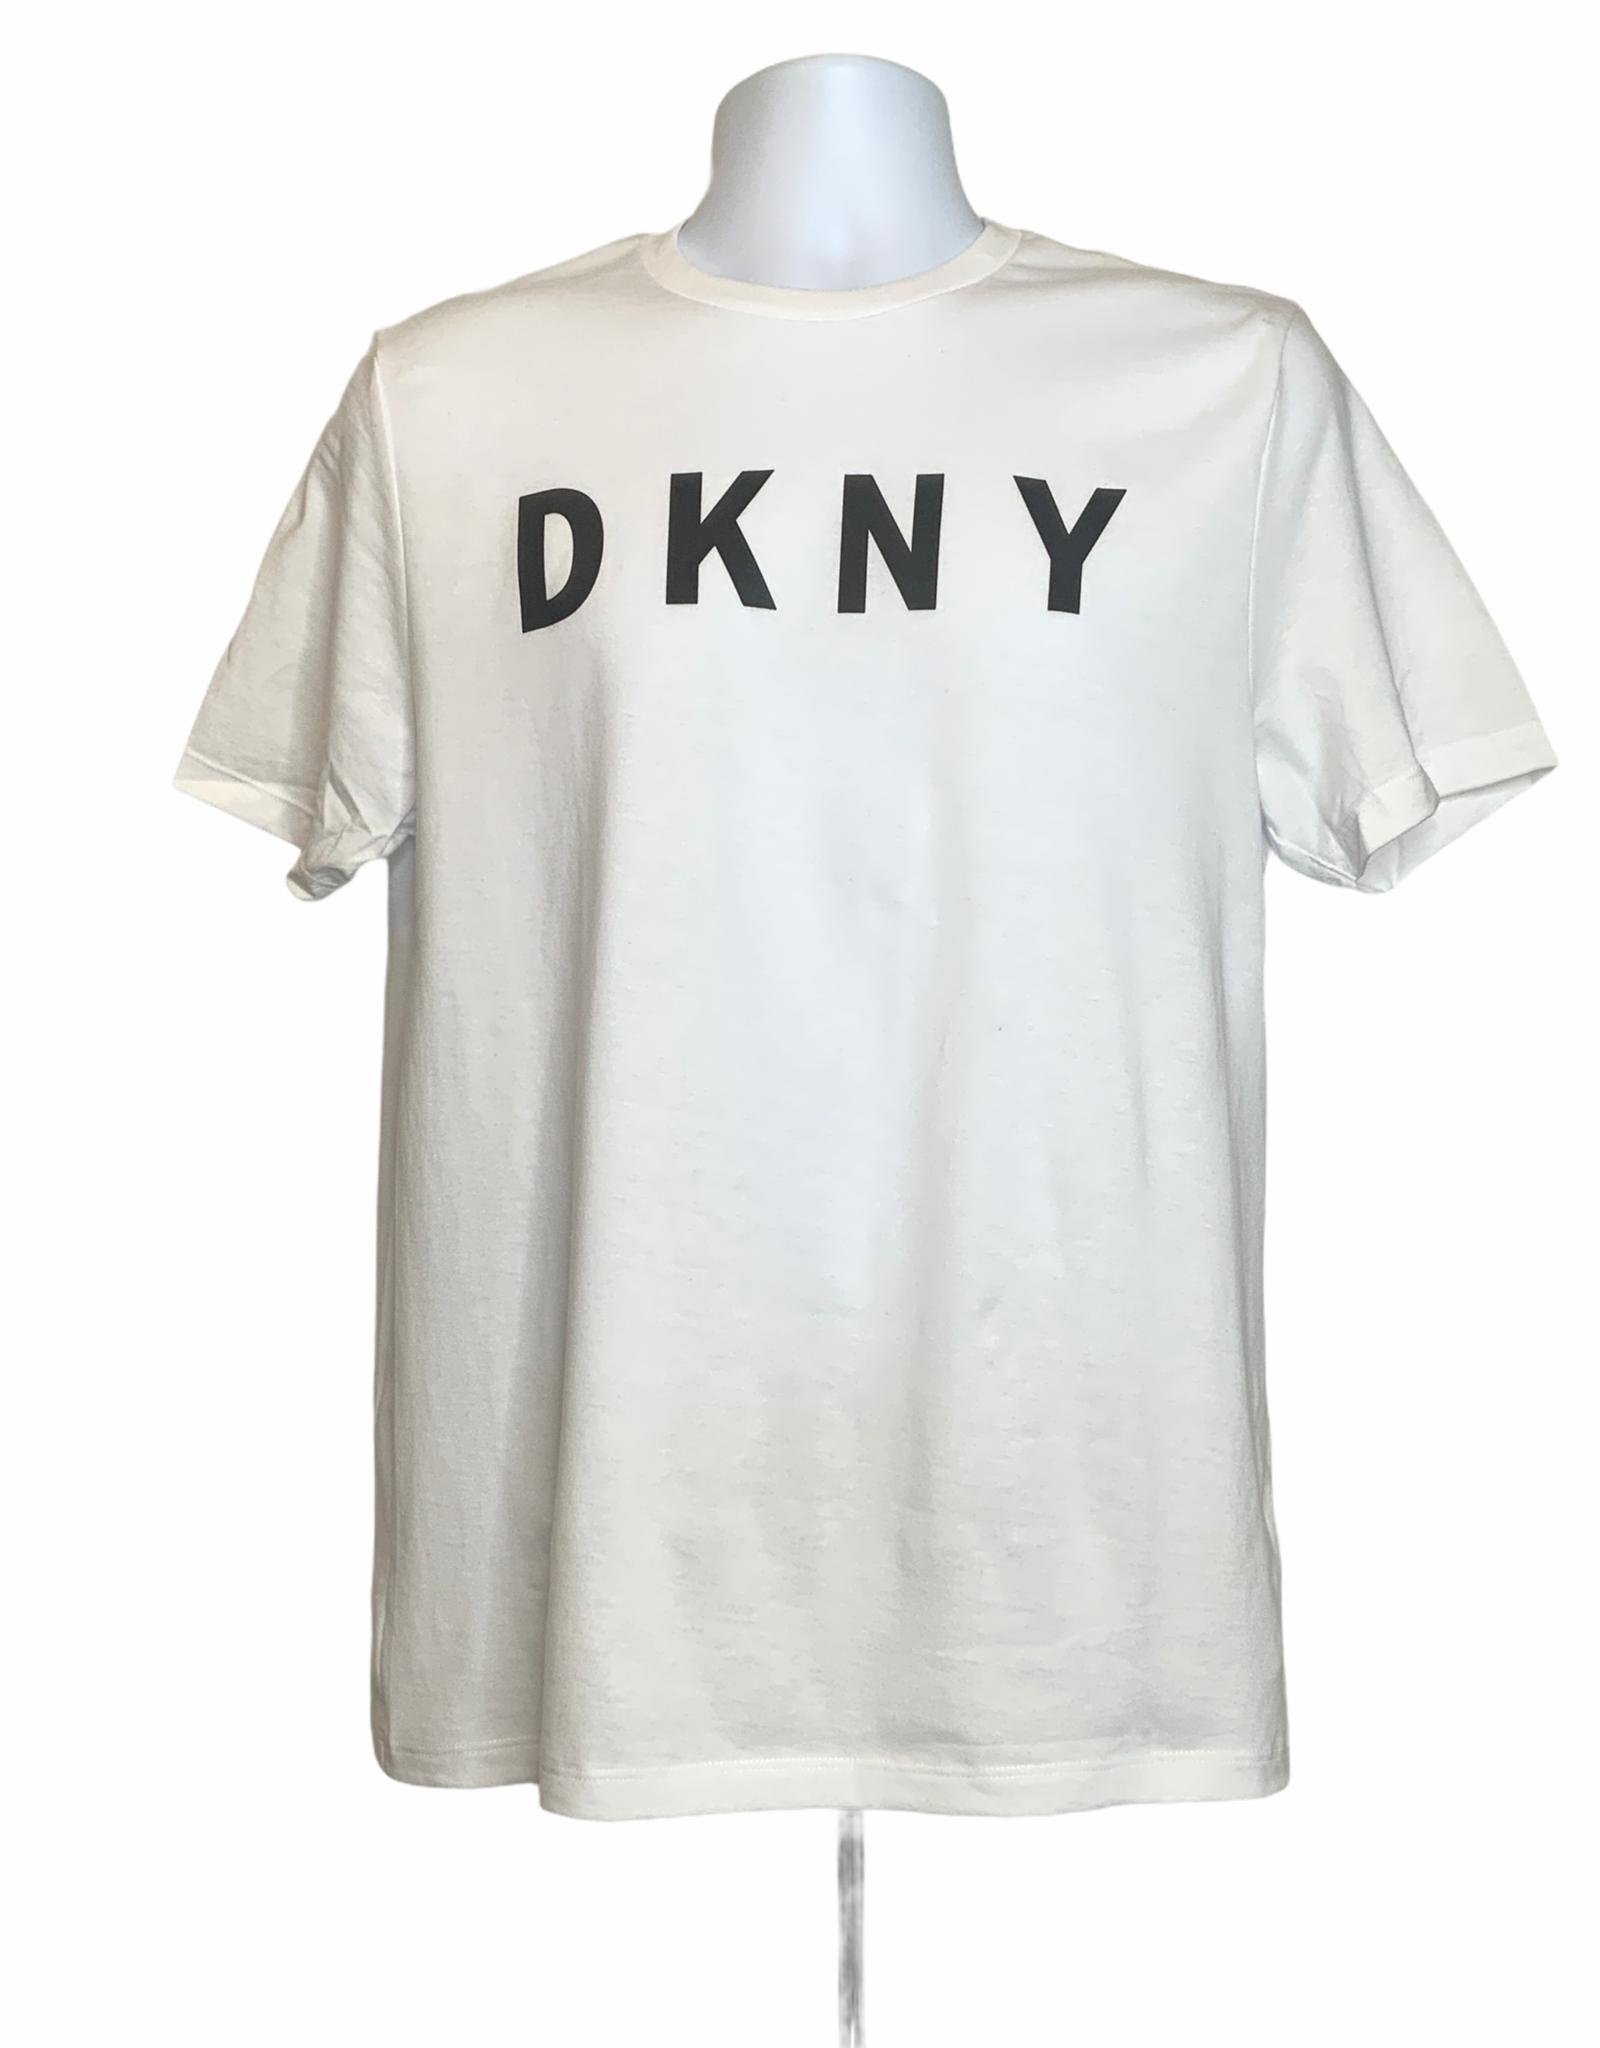 DKNY DKNY Logo Tee Classic